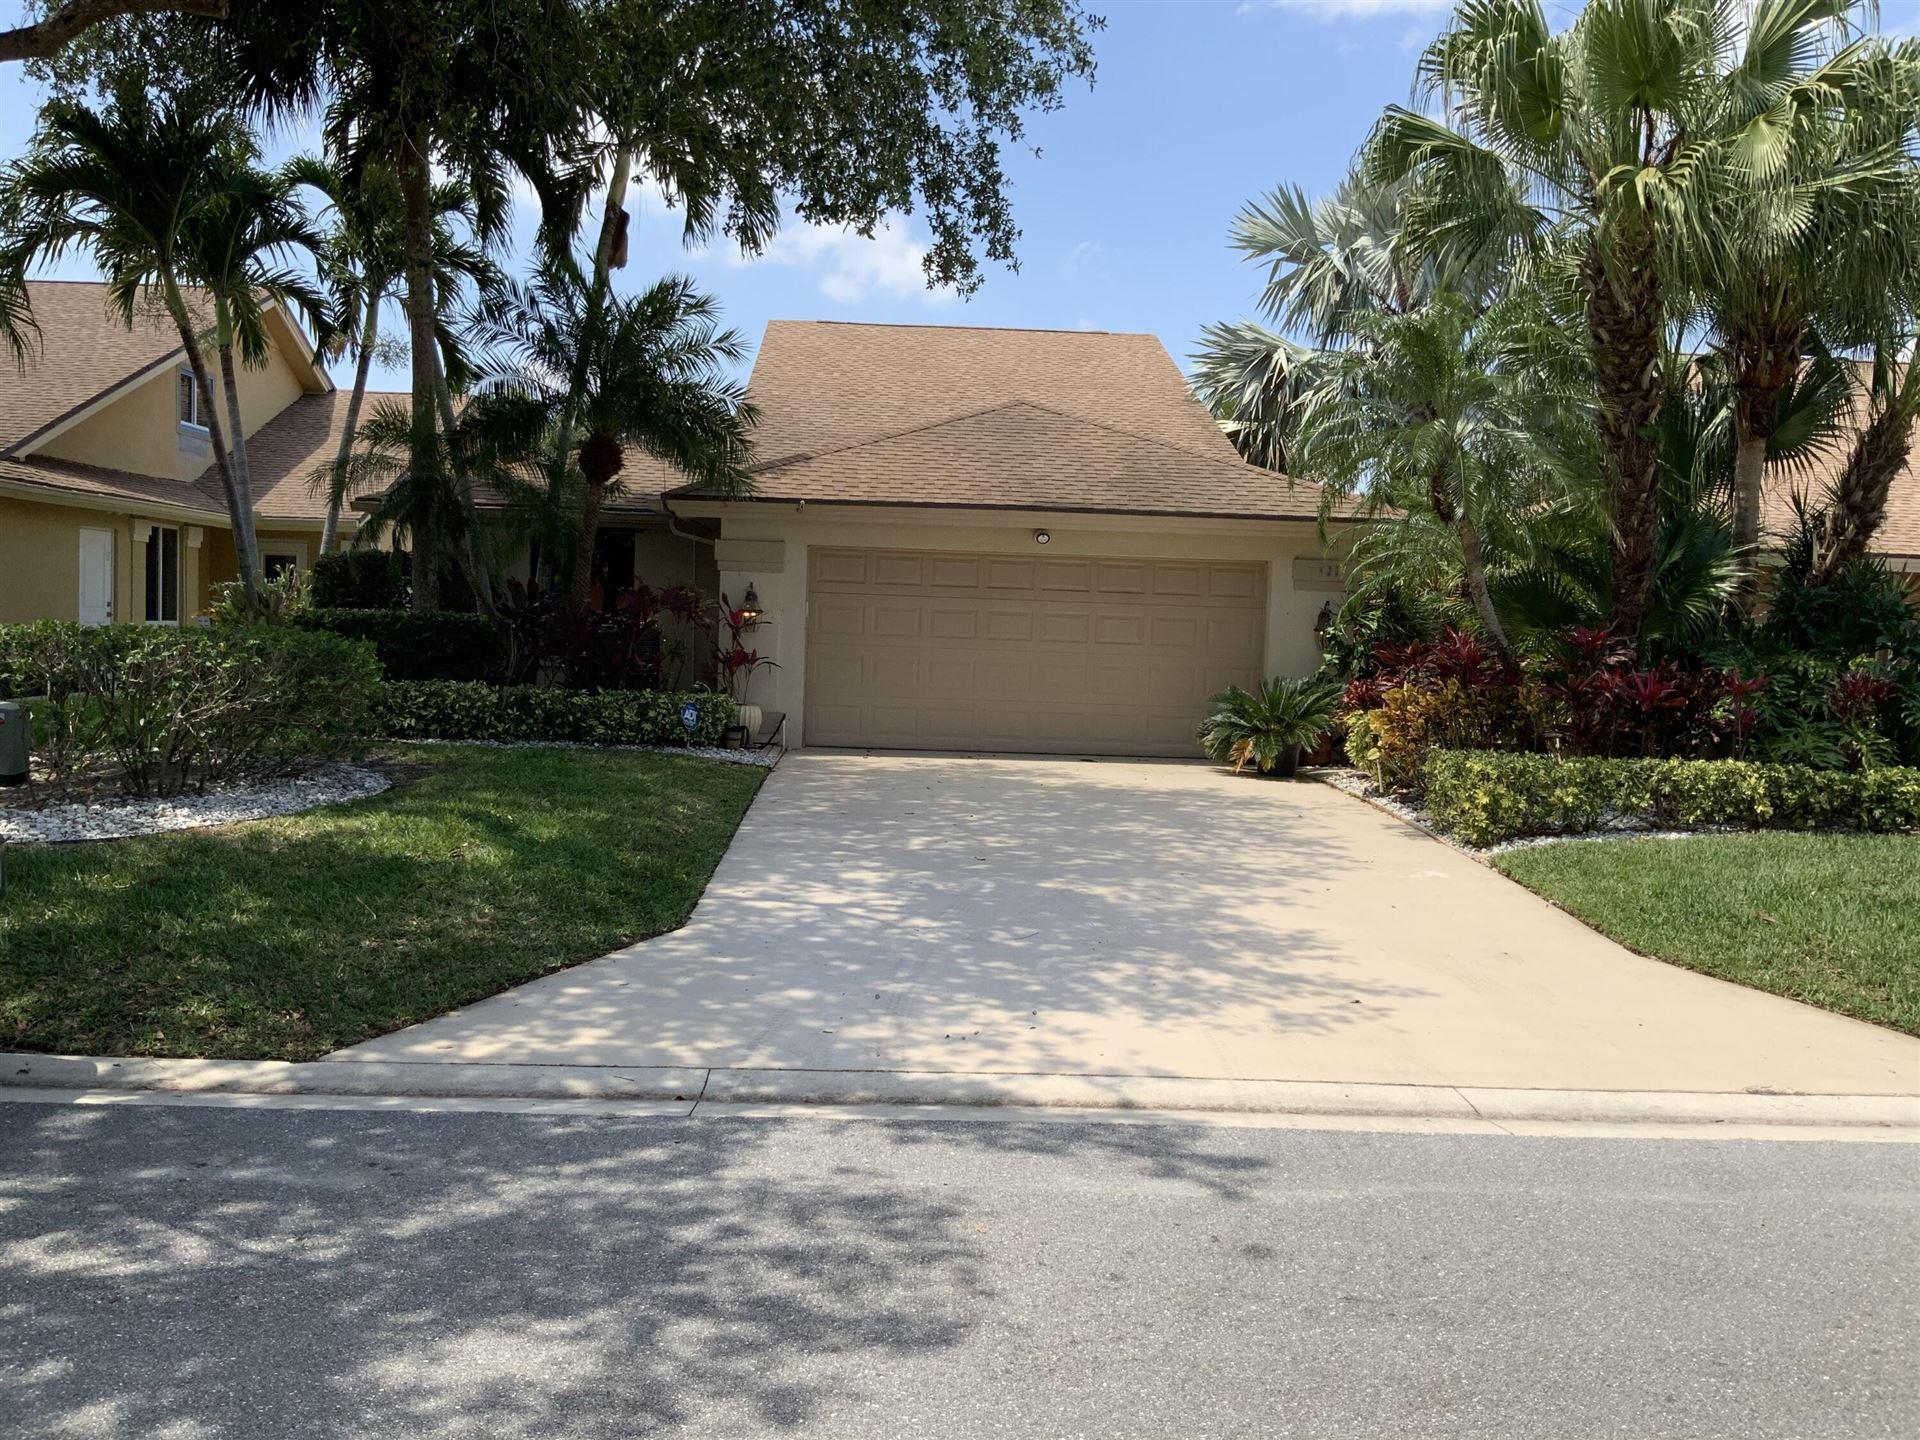 Photo of 122 Sand Pine Drive, Jupiter, FL 33477 (MLS # RX-10709062)